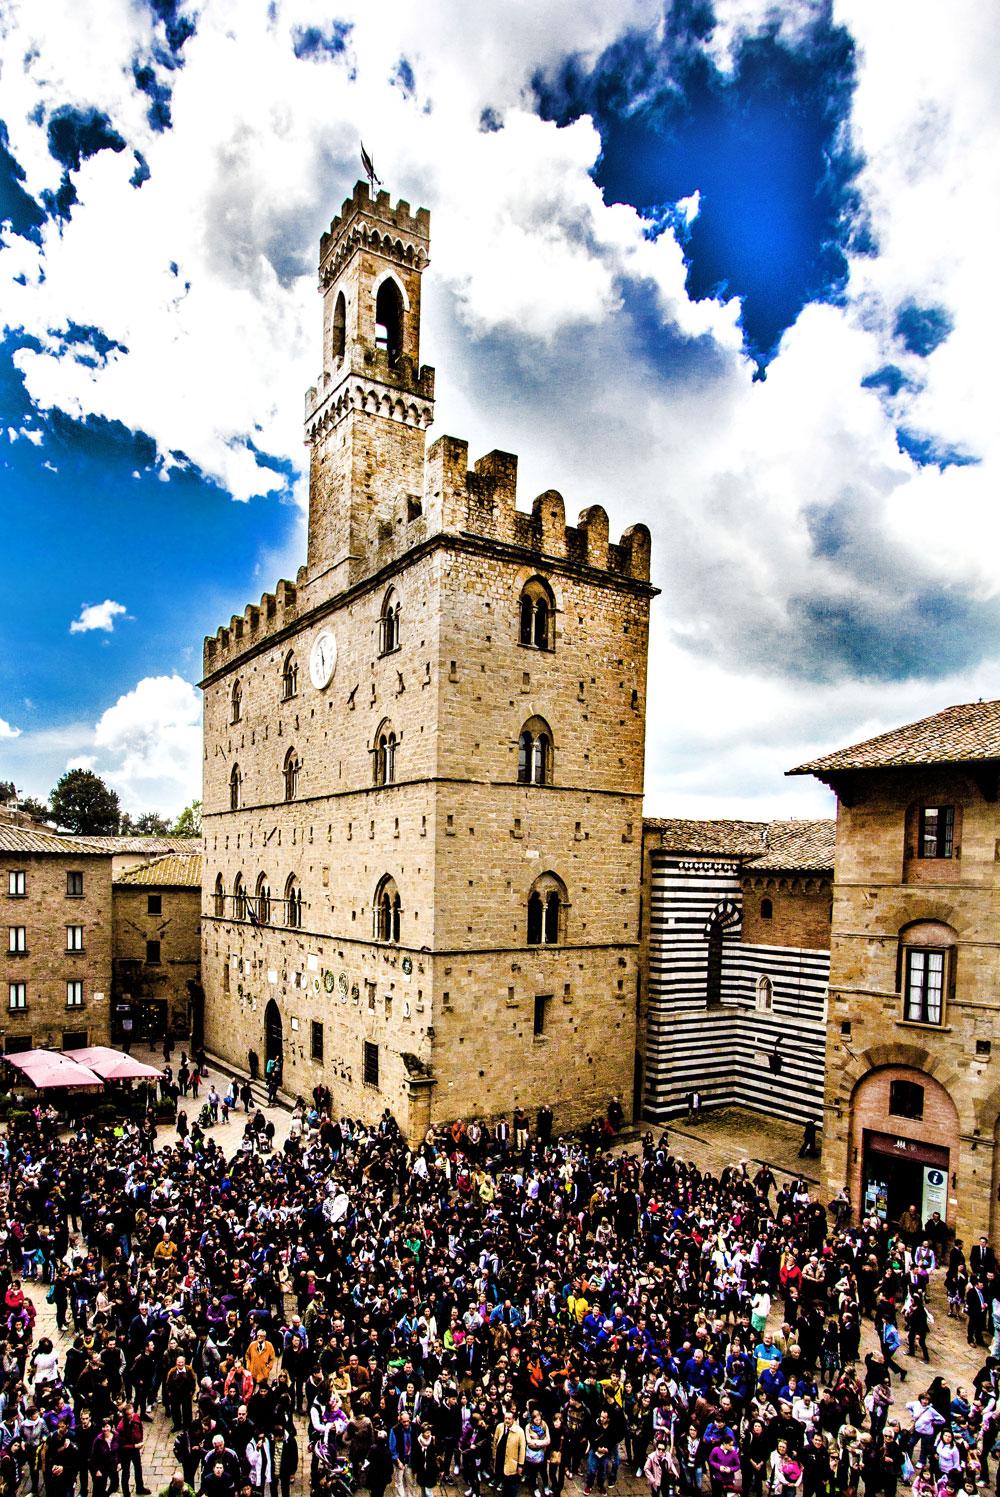 Volterra, candidata a Capitale italiana della Cultura 2021, punta sulla Ri-generazione umana